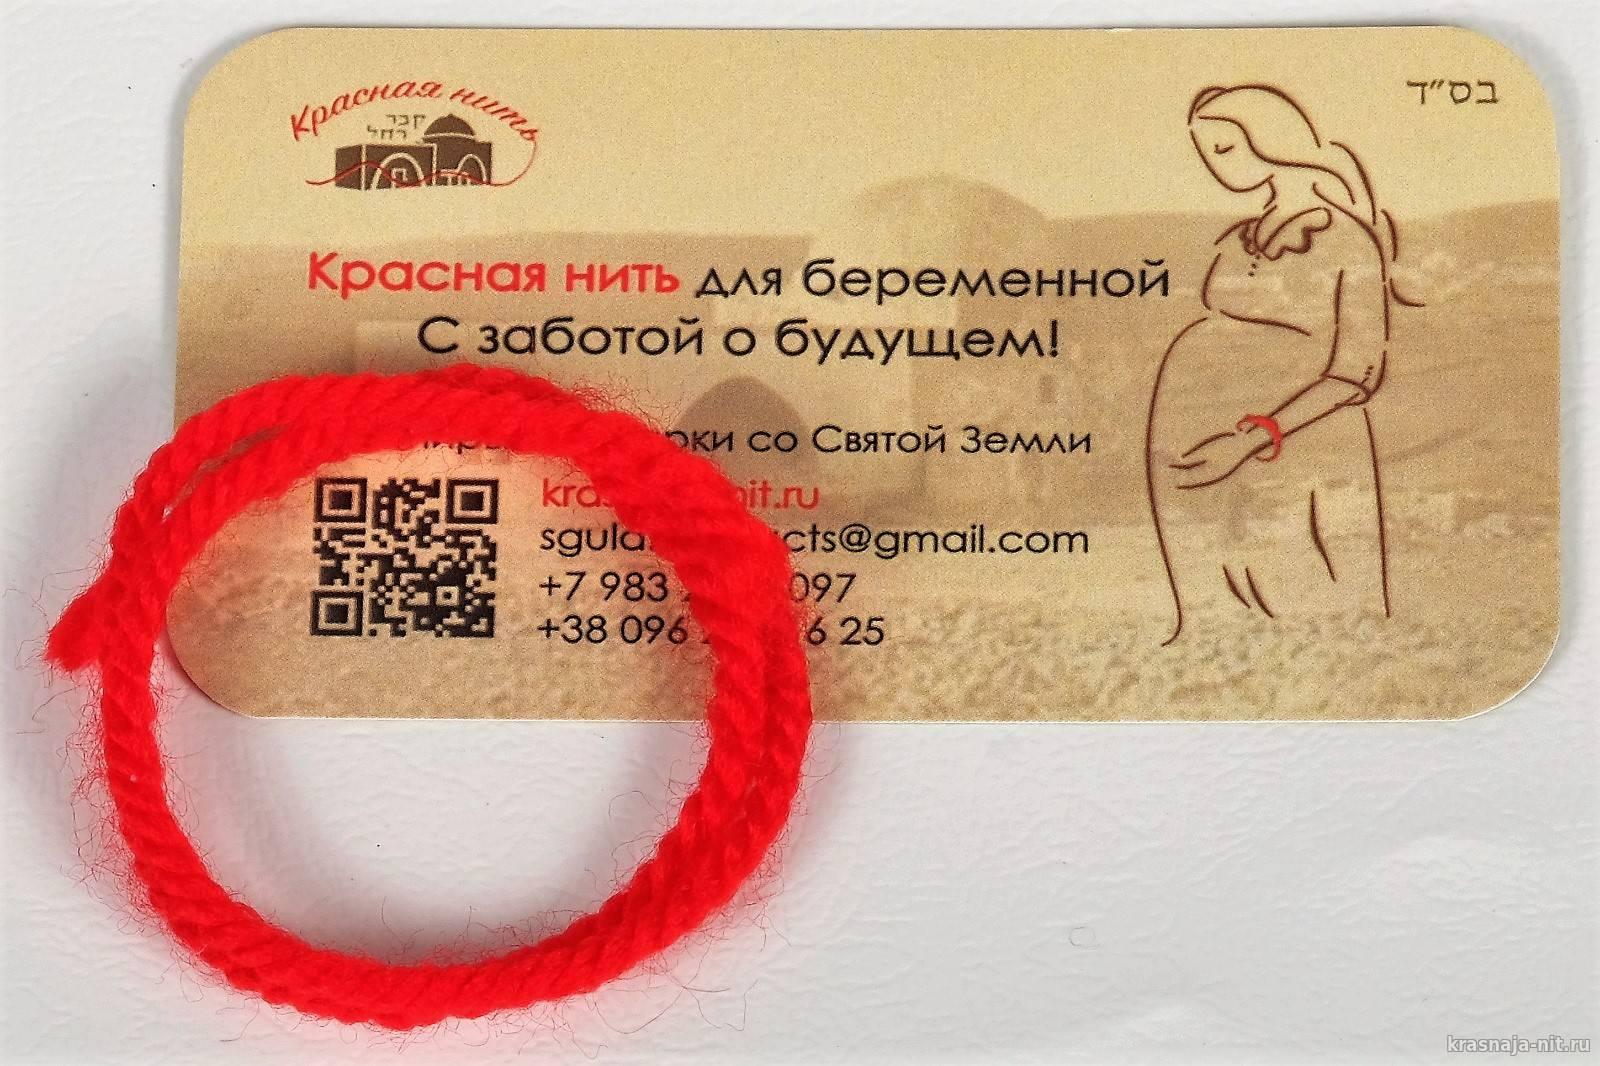 Обереги для ребенка: для девочки, для мальчика, для младенцев, иконы, молитвы, славянские, вышивка, как сделать своими руками, мнение экспертов